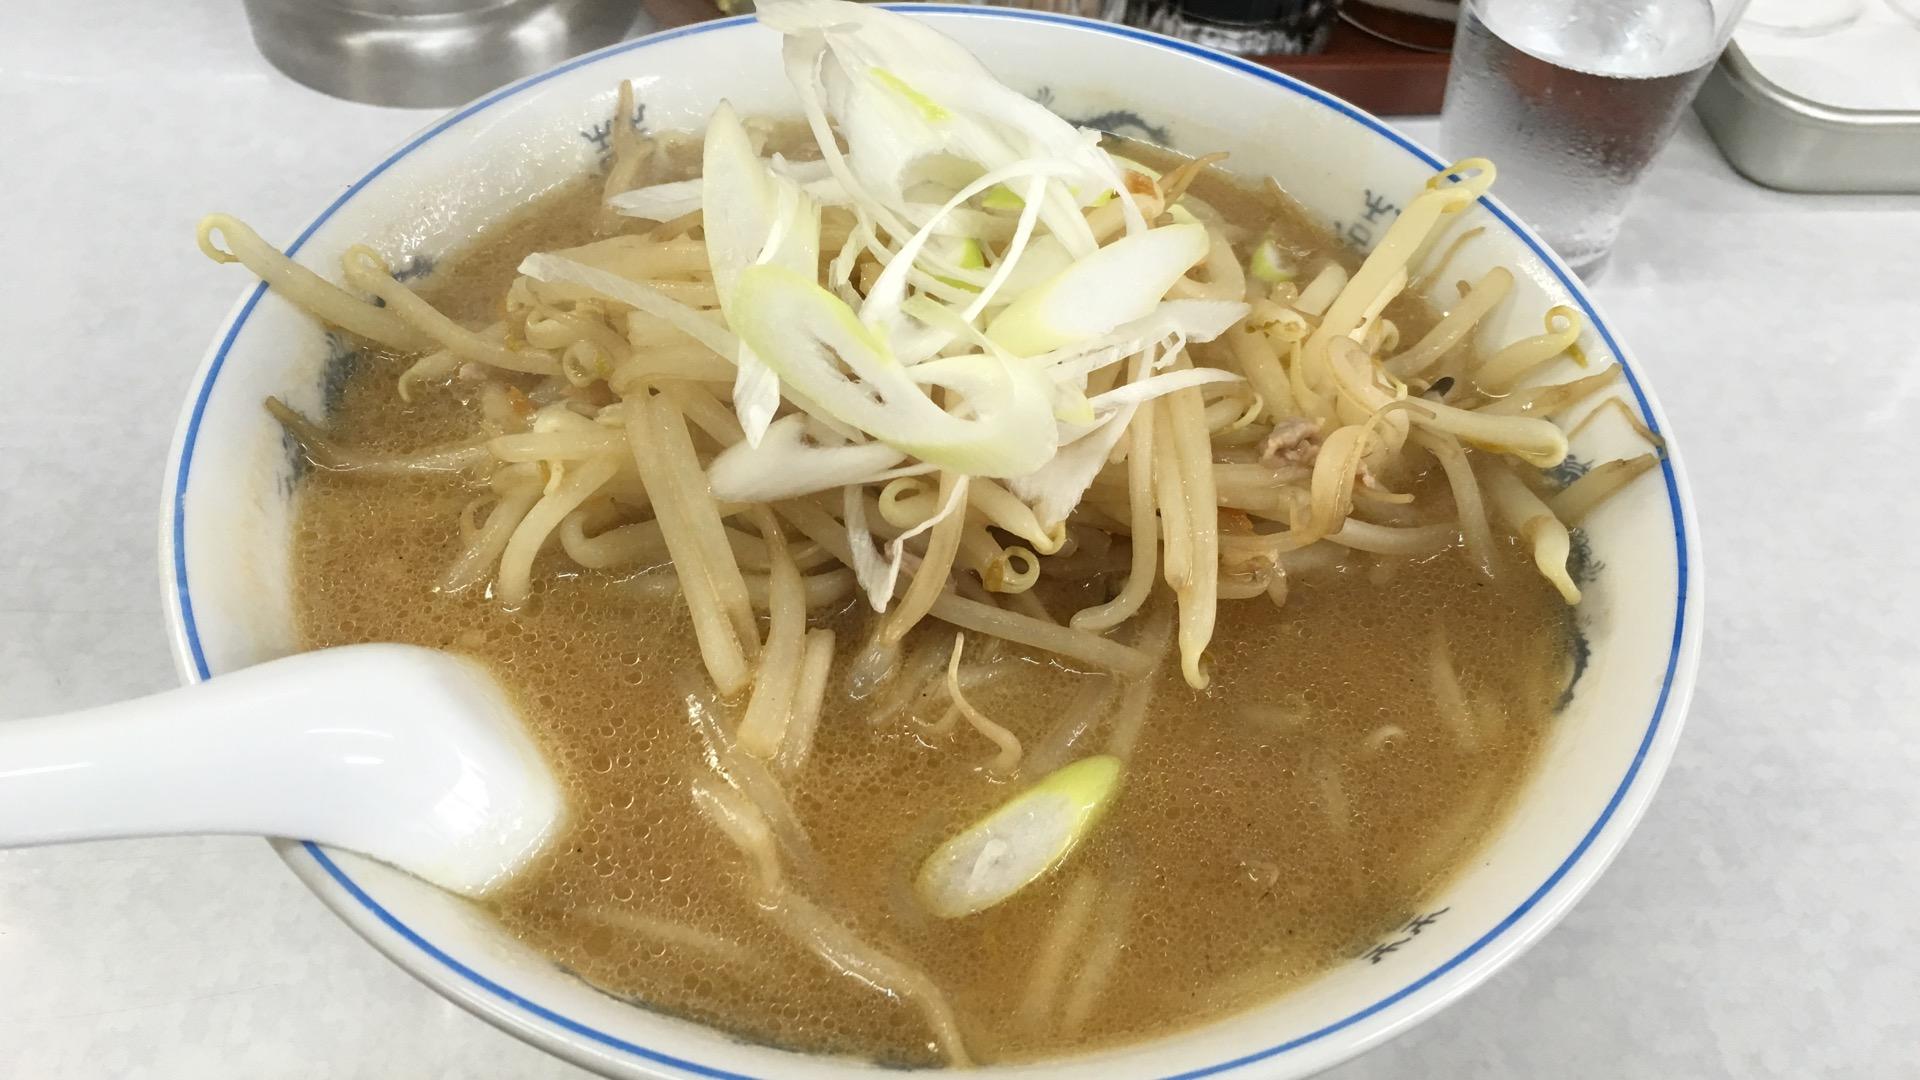 【上尾市】「娘娘 にゃんにゃん」のジャージャー麺を食べてきた